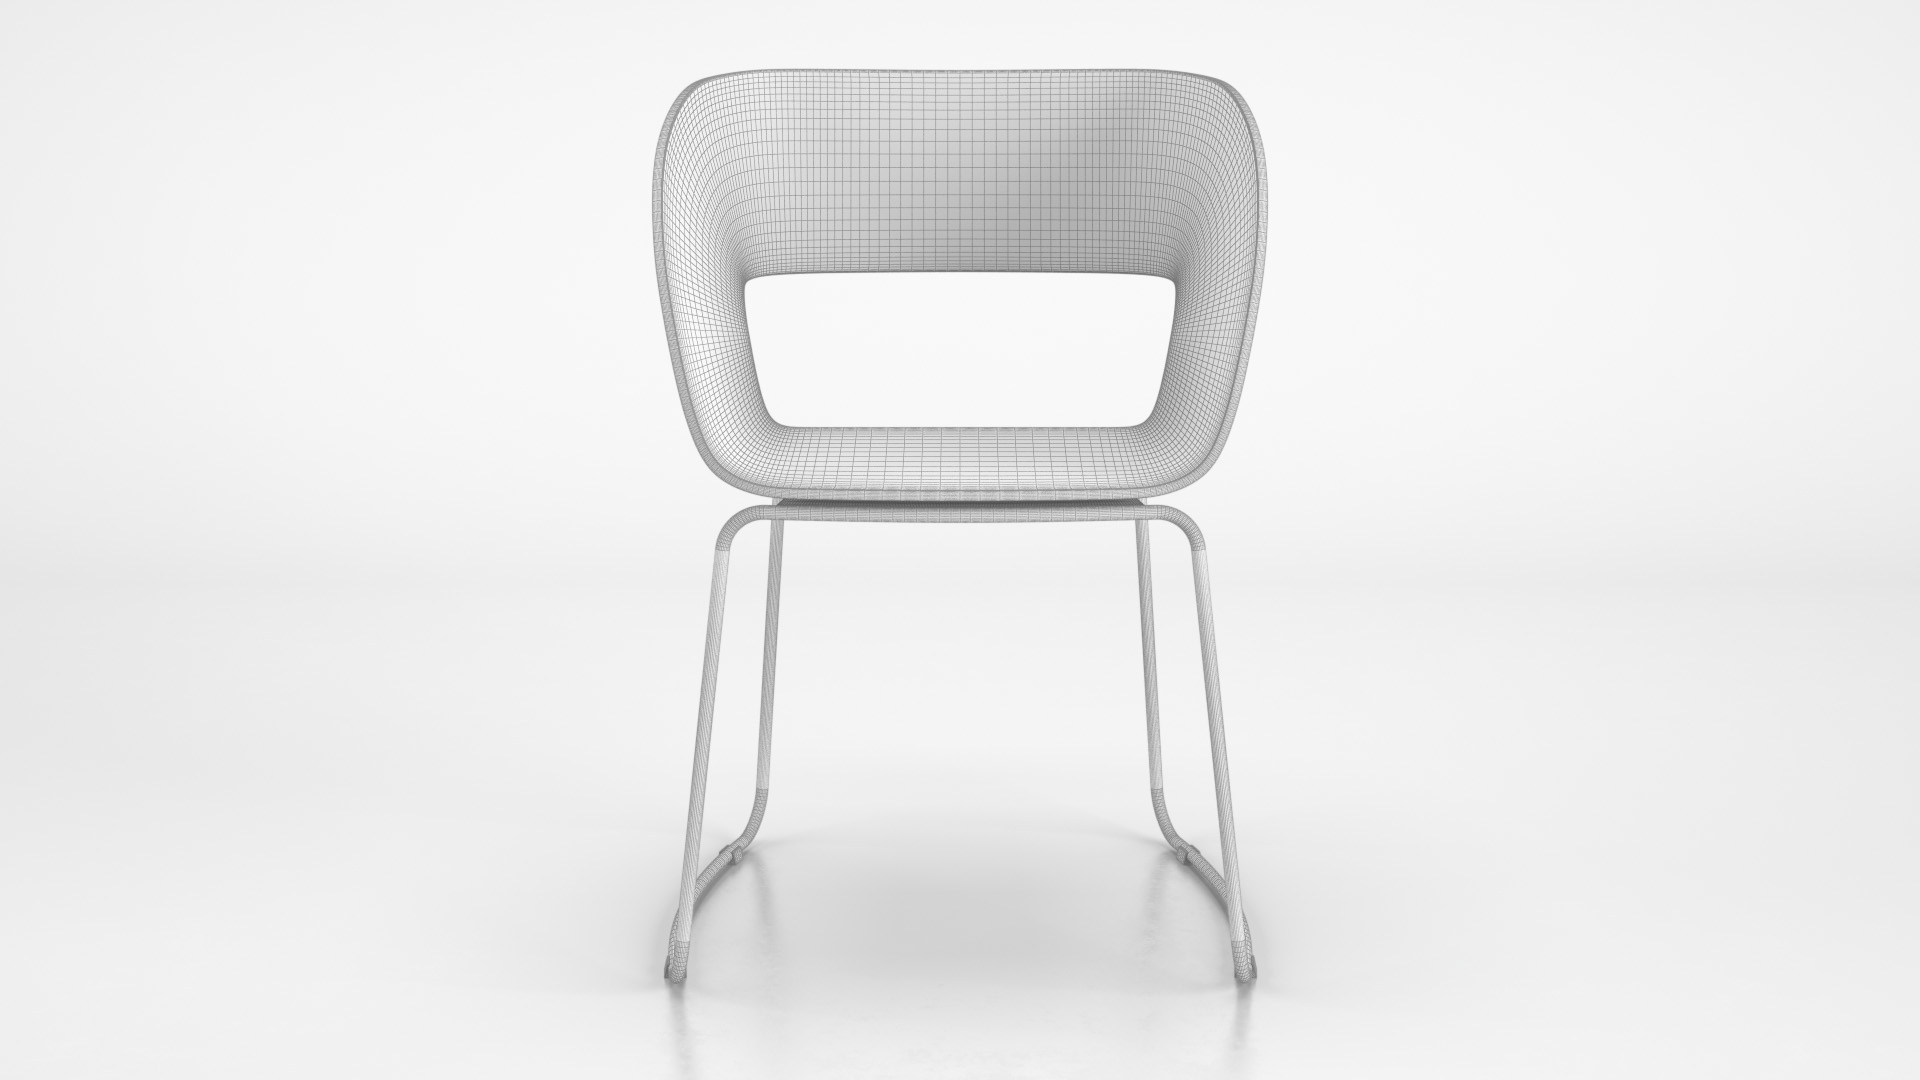 Vintage_Chair_SledLegs_WhiteSet_01_wire_0001